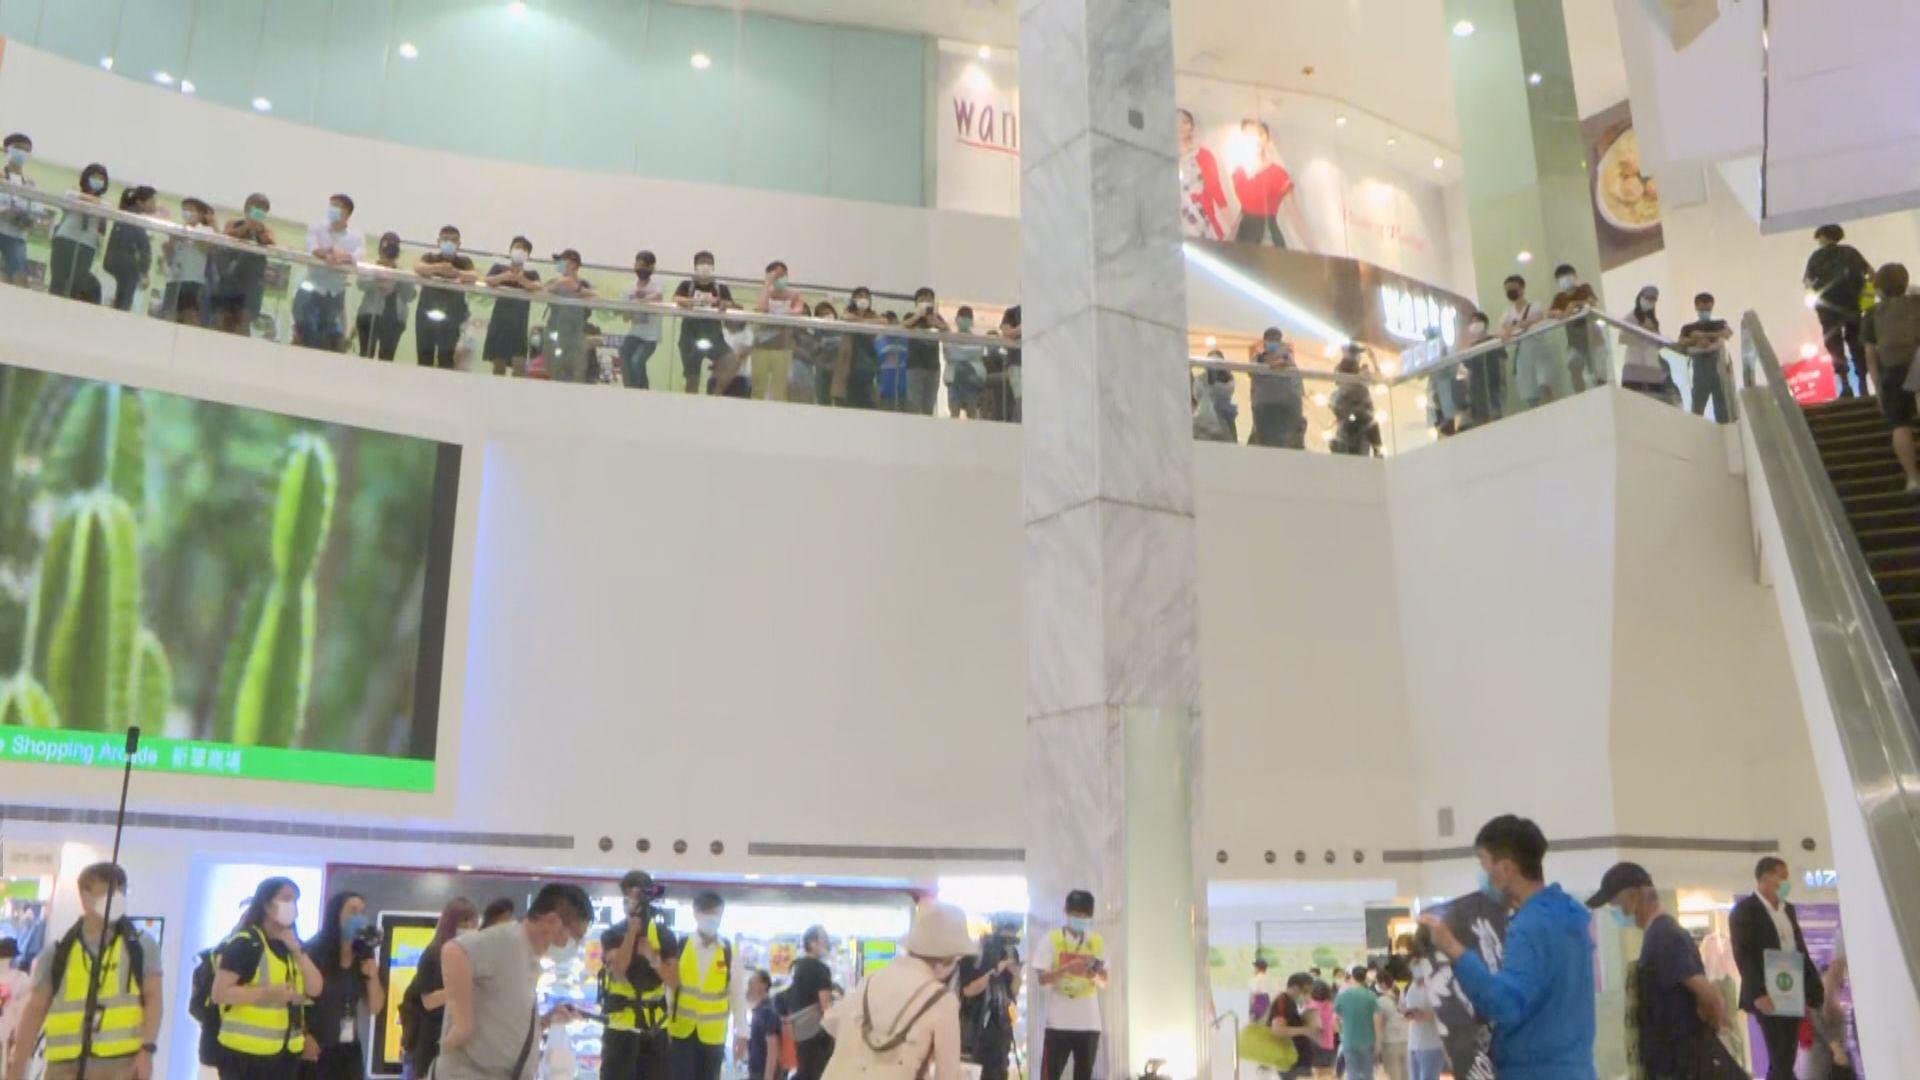 有市民在柴灣商場聚集 警員進入商場呼籲離開